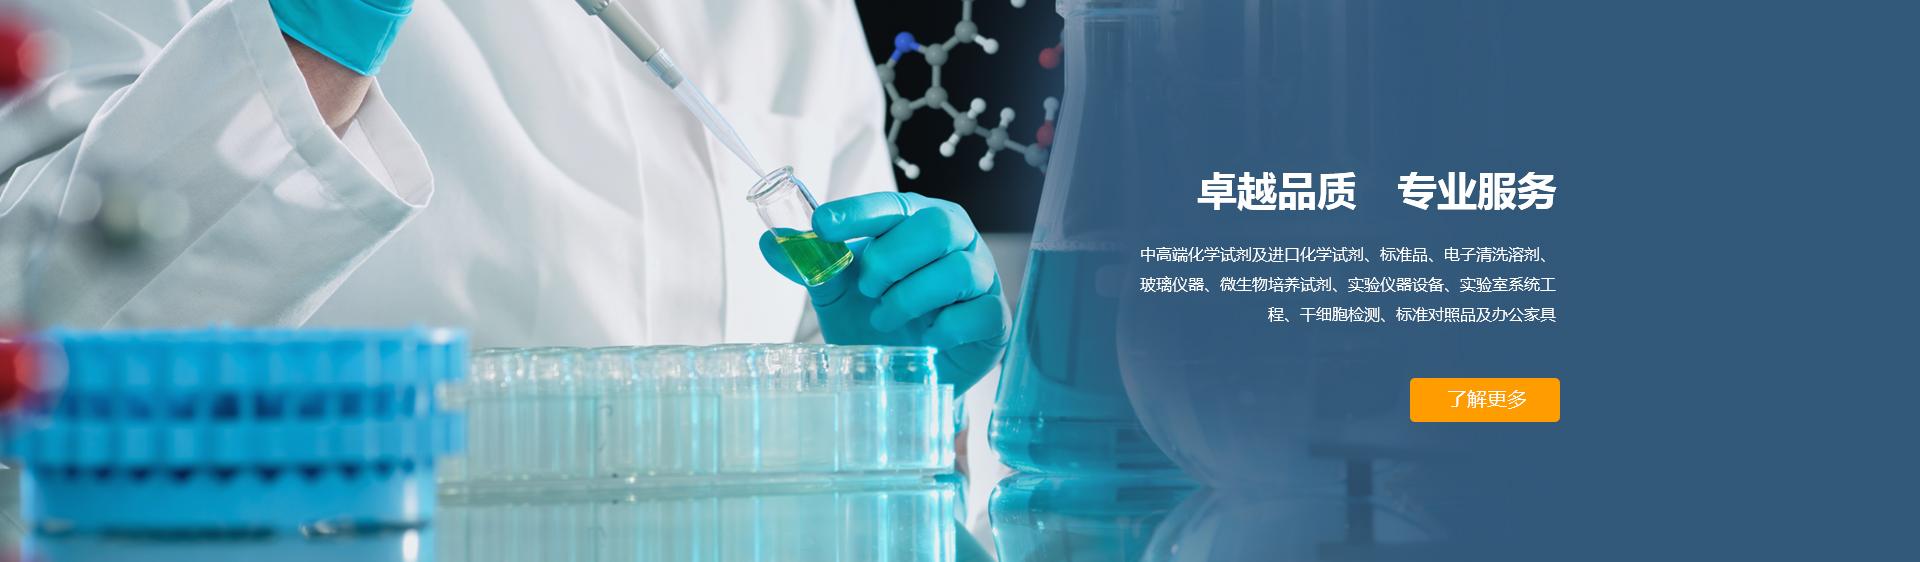 微生物培养亚博体育彩票app下载